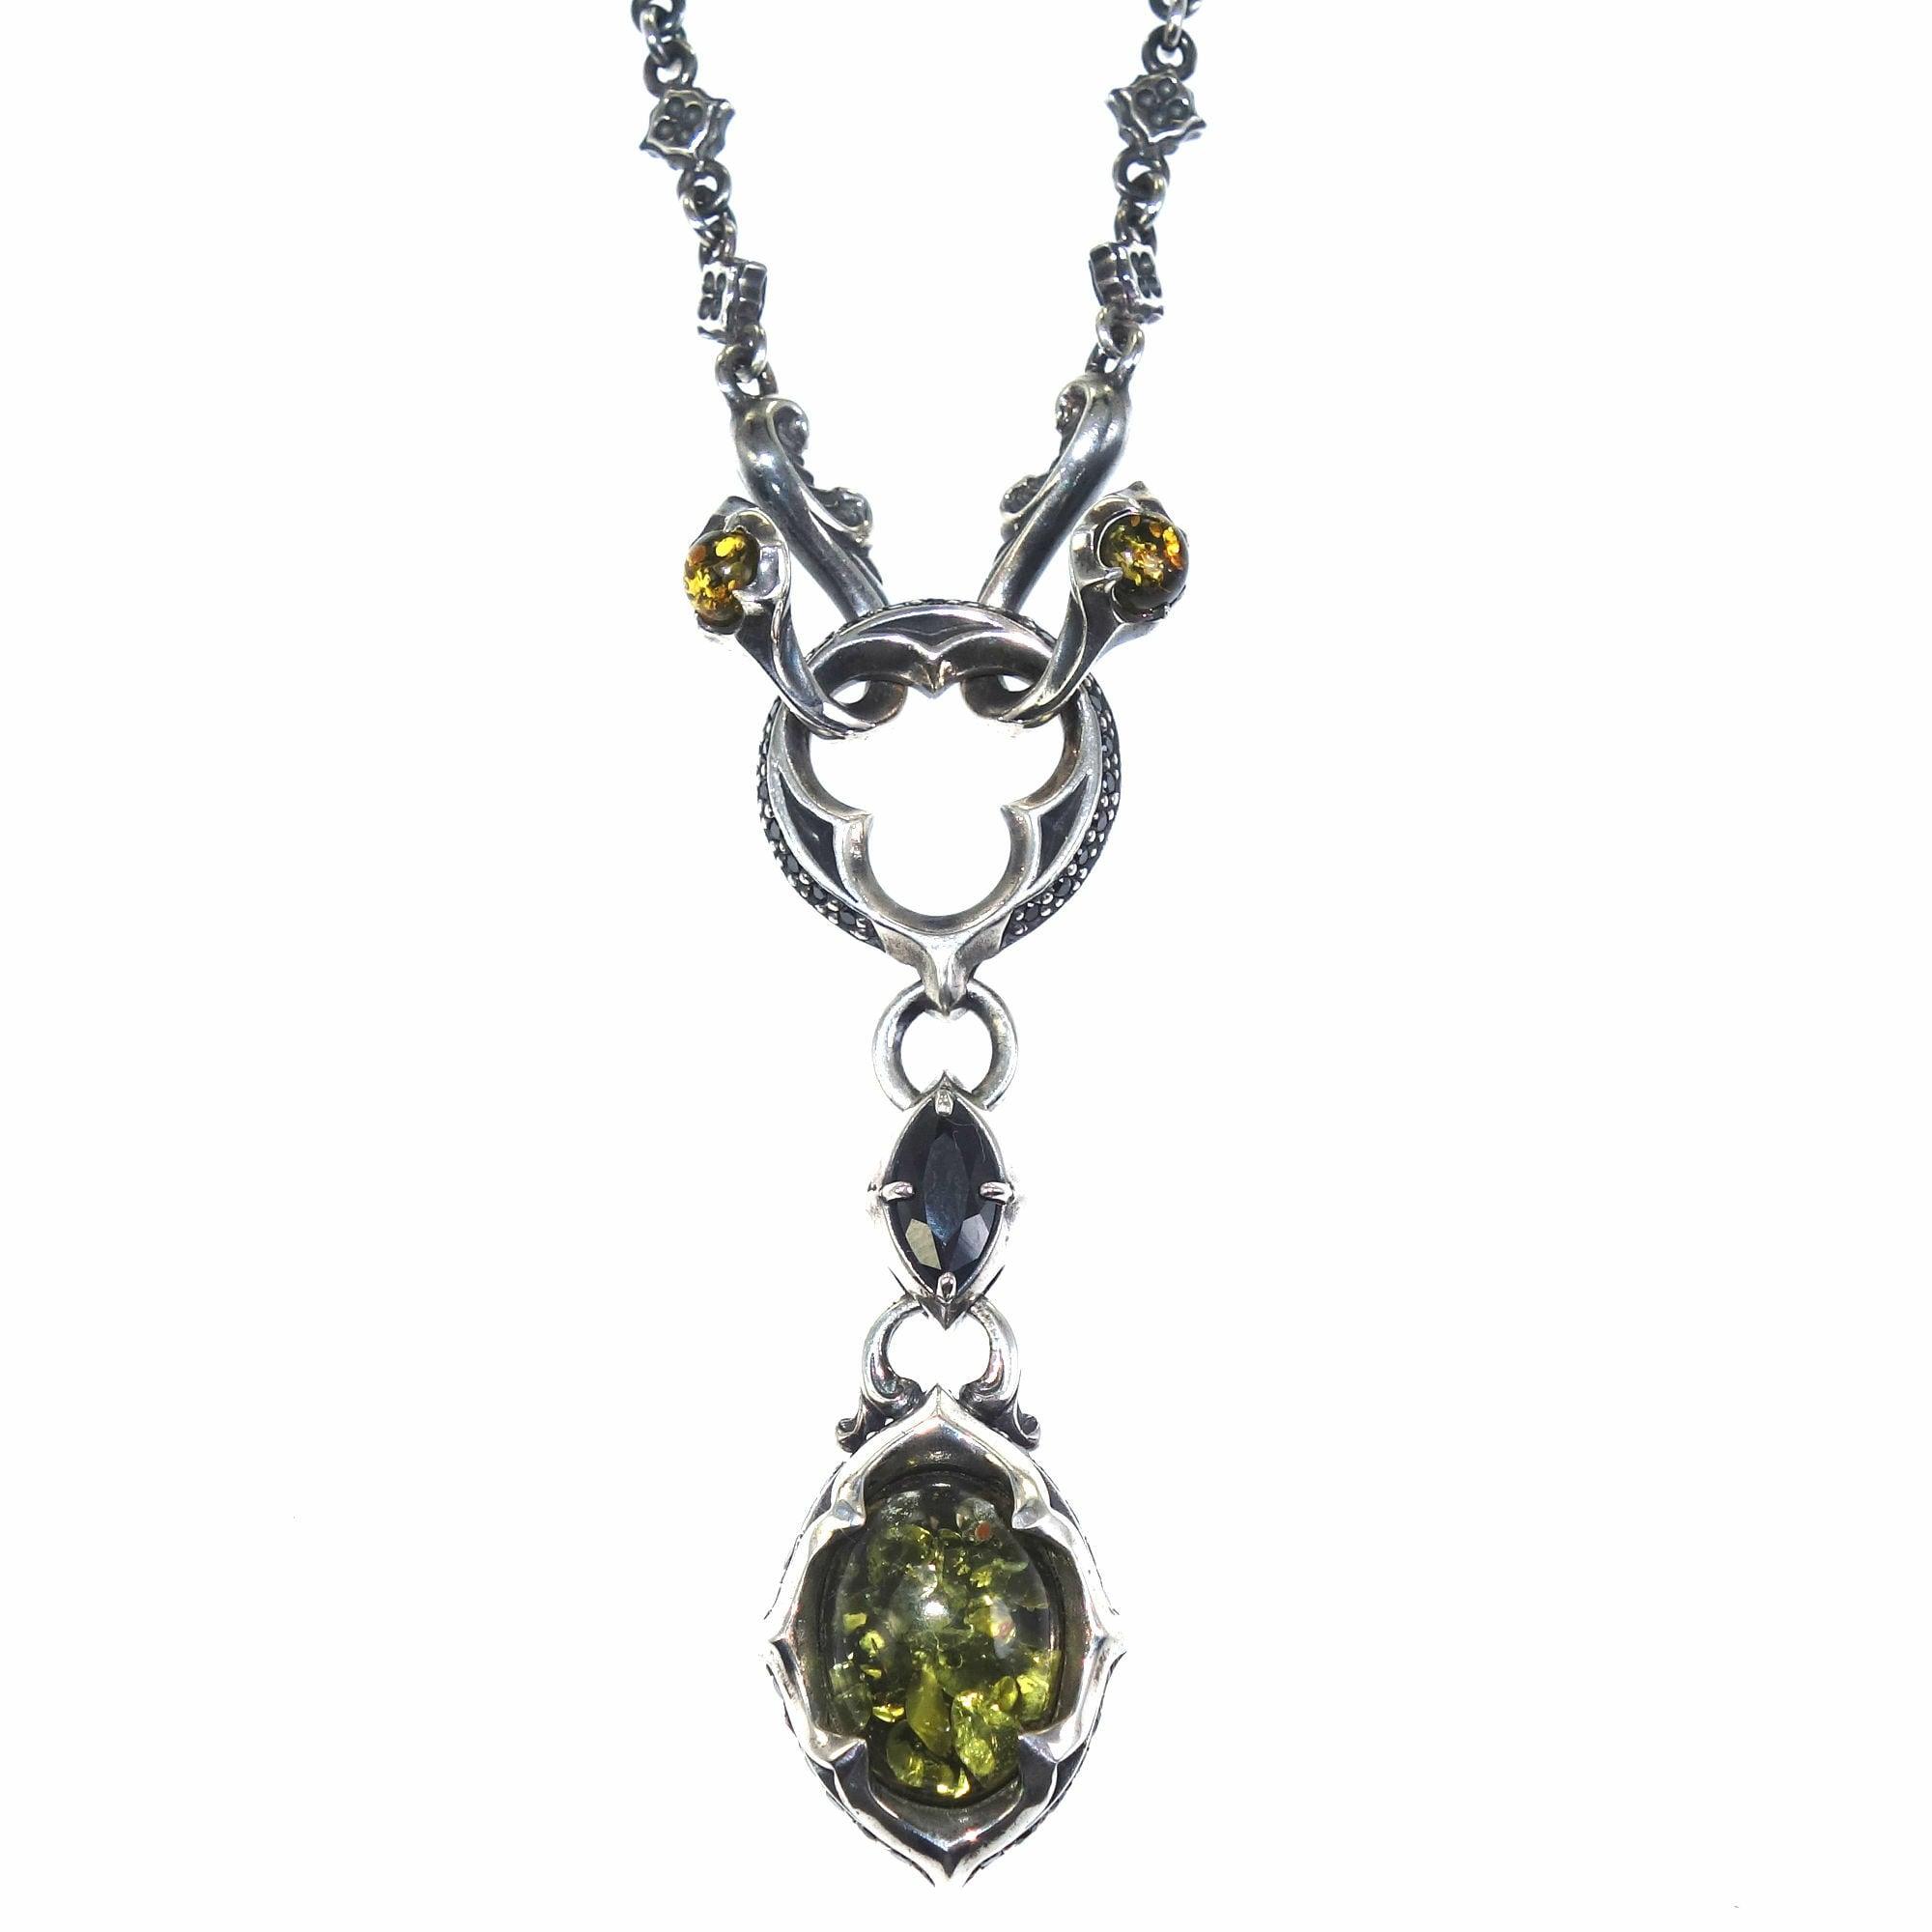 トレサリーグリーンアンバーペンダント ACSP0022 Treasury Green Amber Pendant